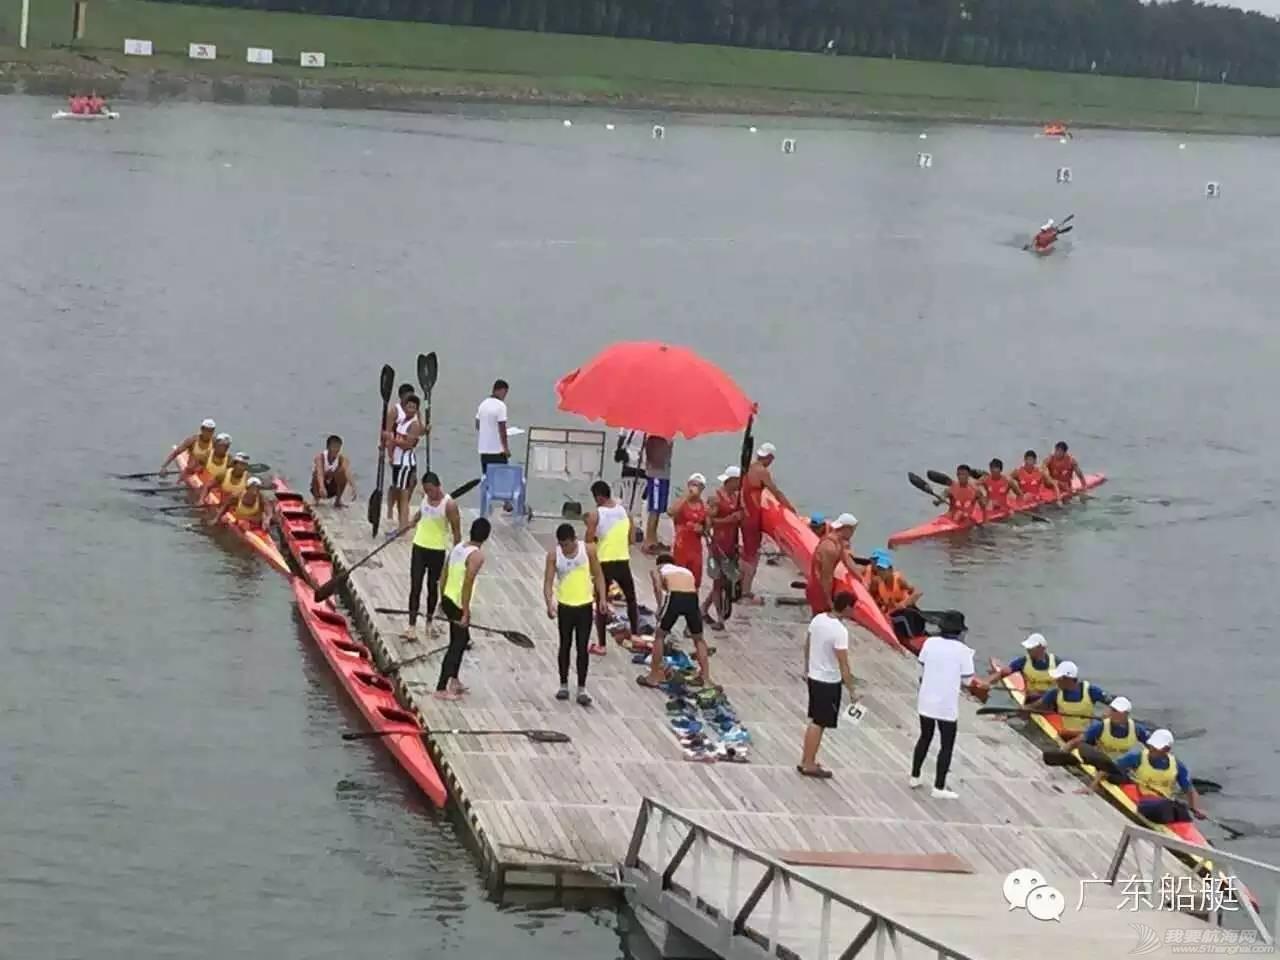 2015年全国皮划艇(静水)锦标赛正式开赛 28559f6a9287f466b7ce2c0ddb8ee261.jpg